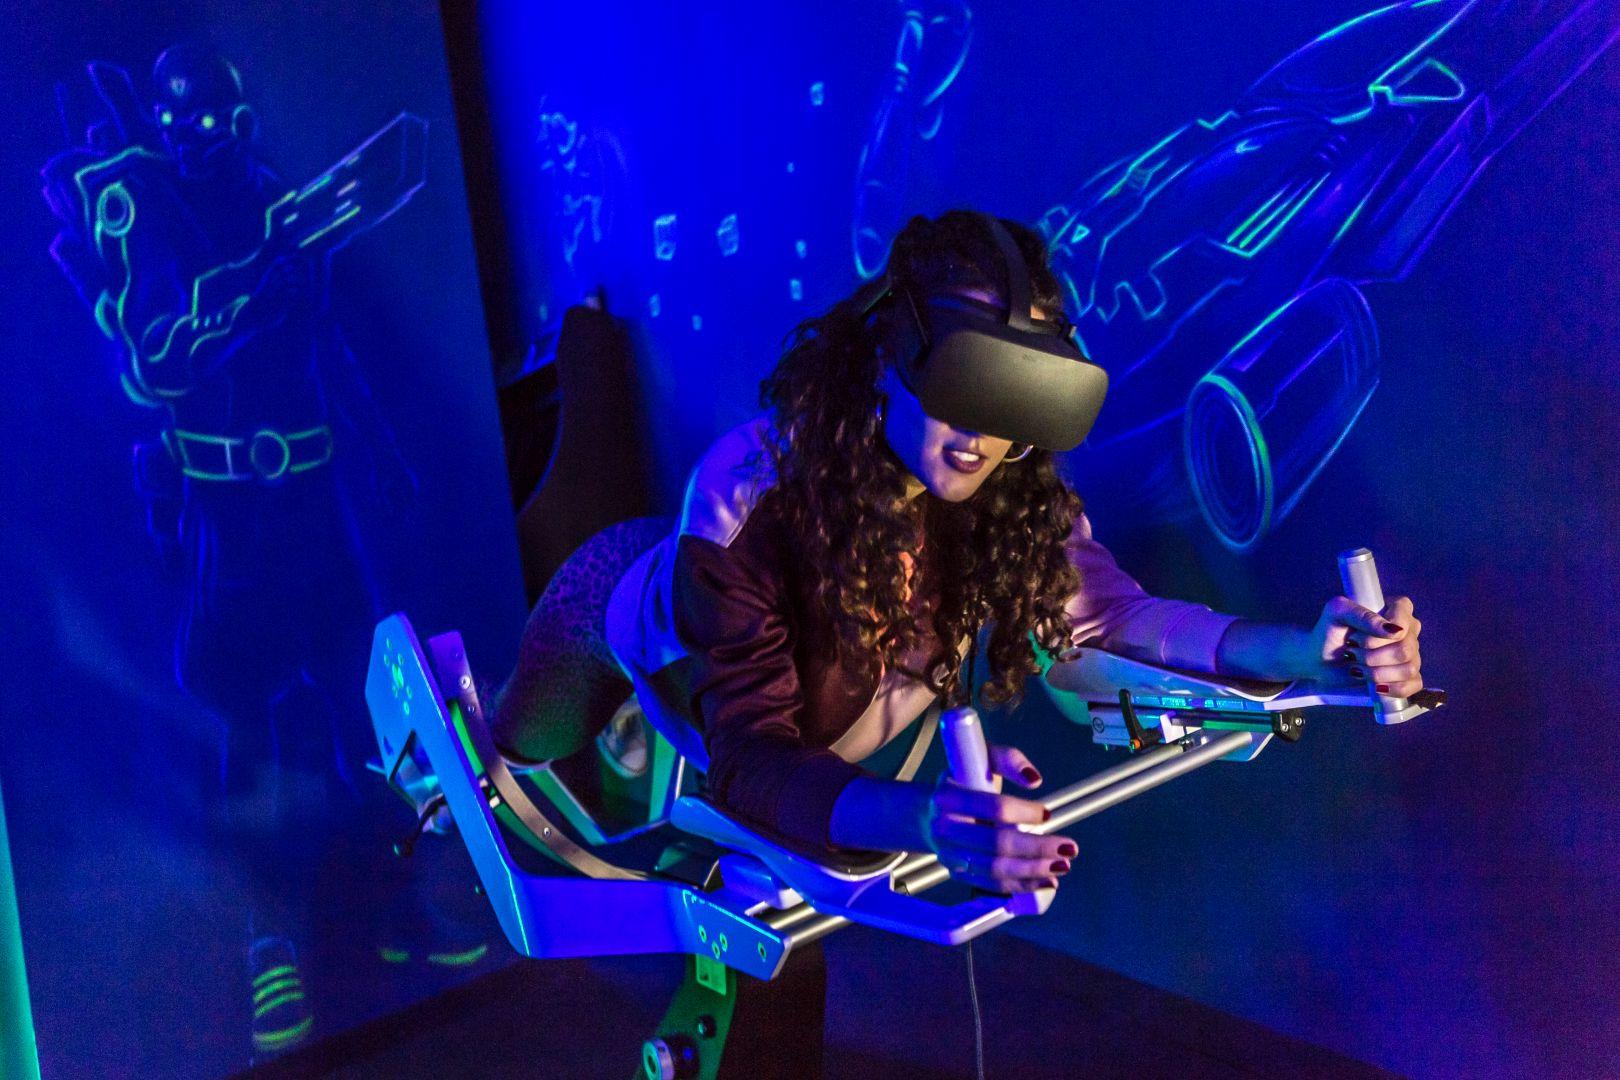 Icaros-girl-Virtual-Reality